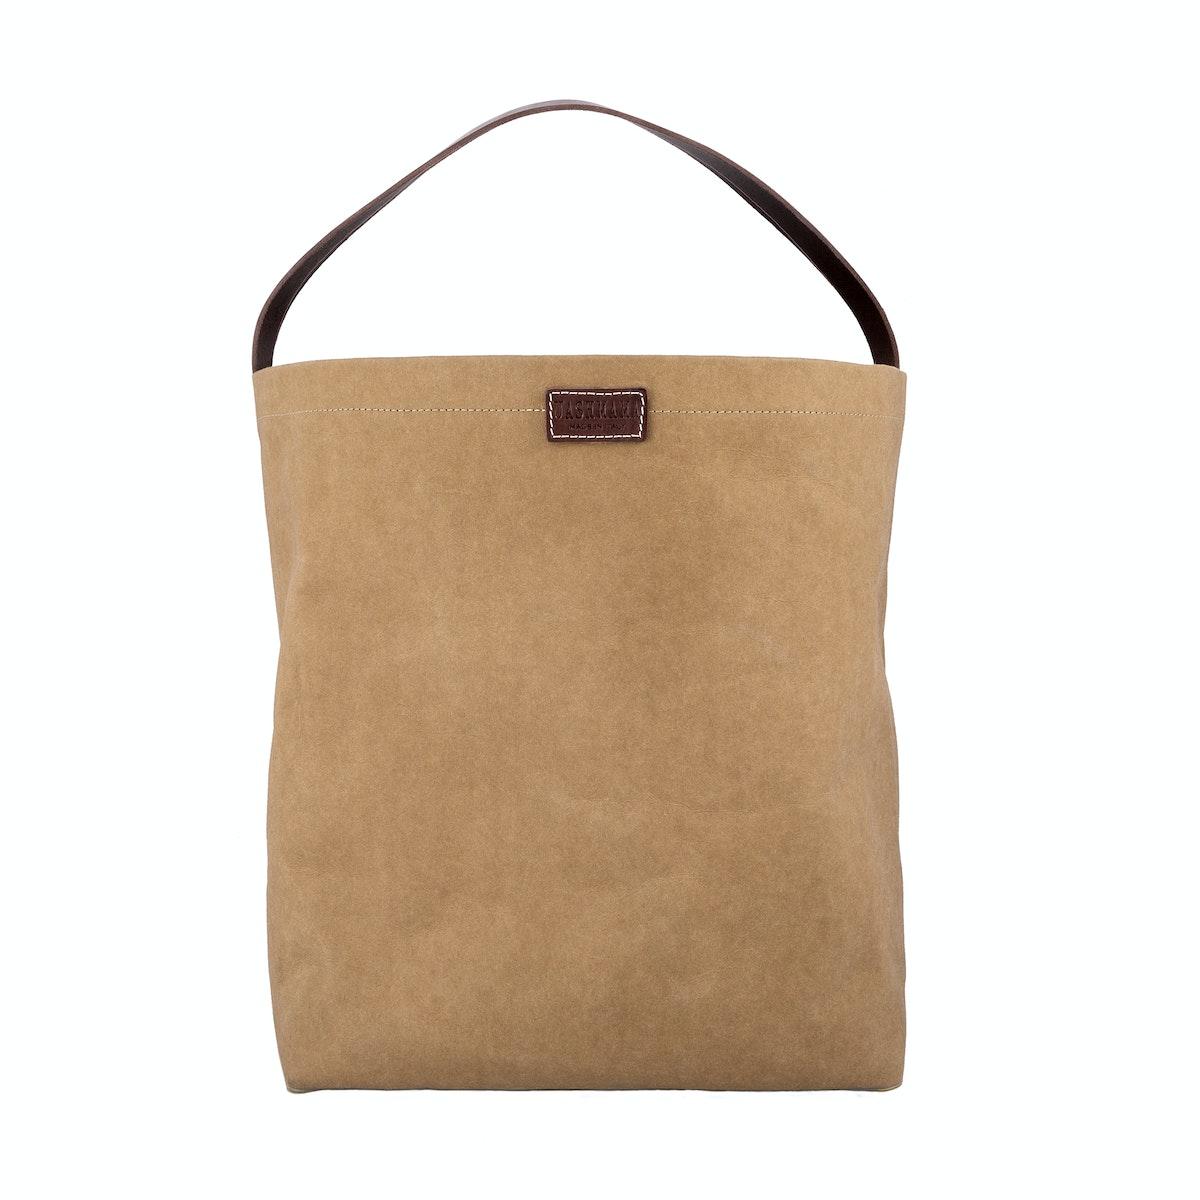 UASHMAMA Legna Bag